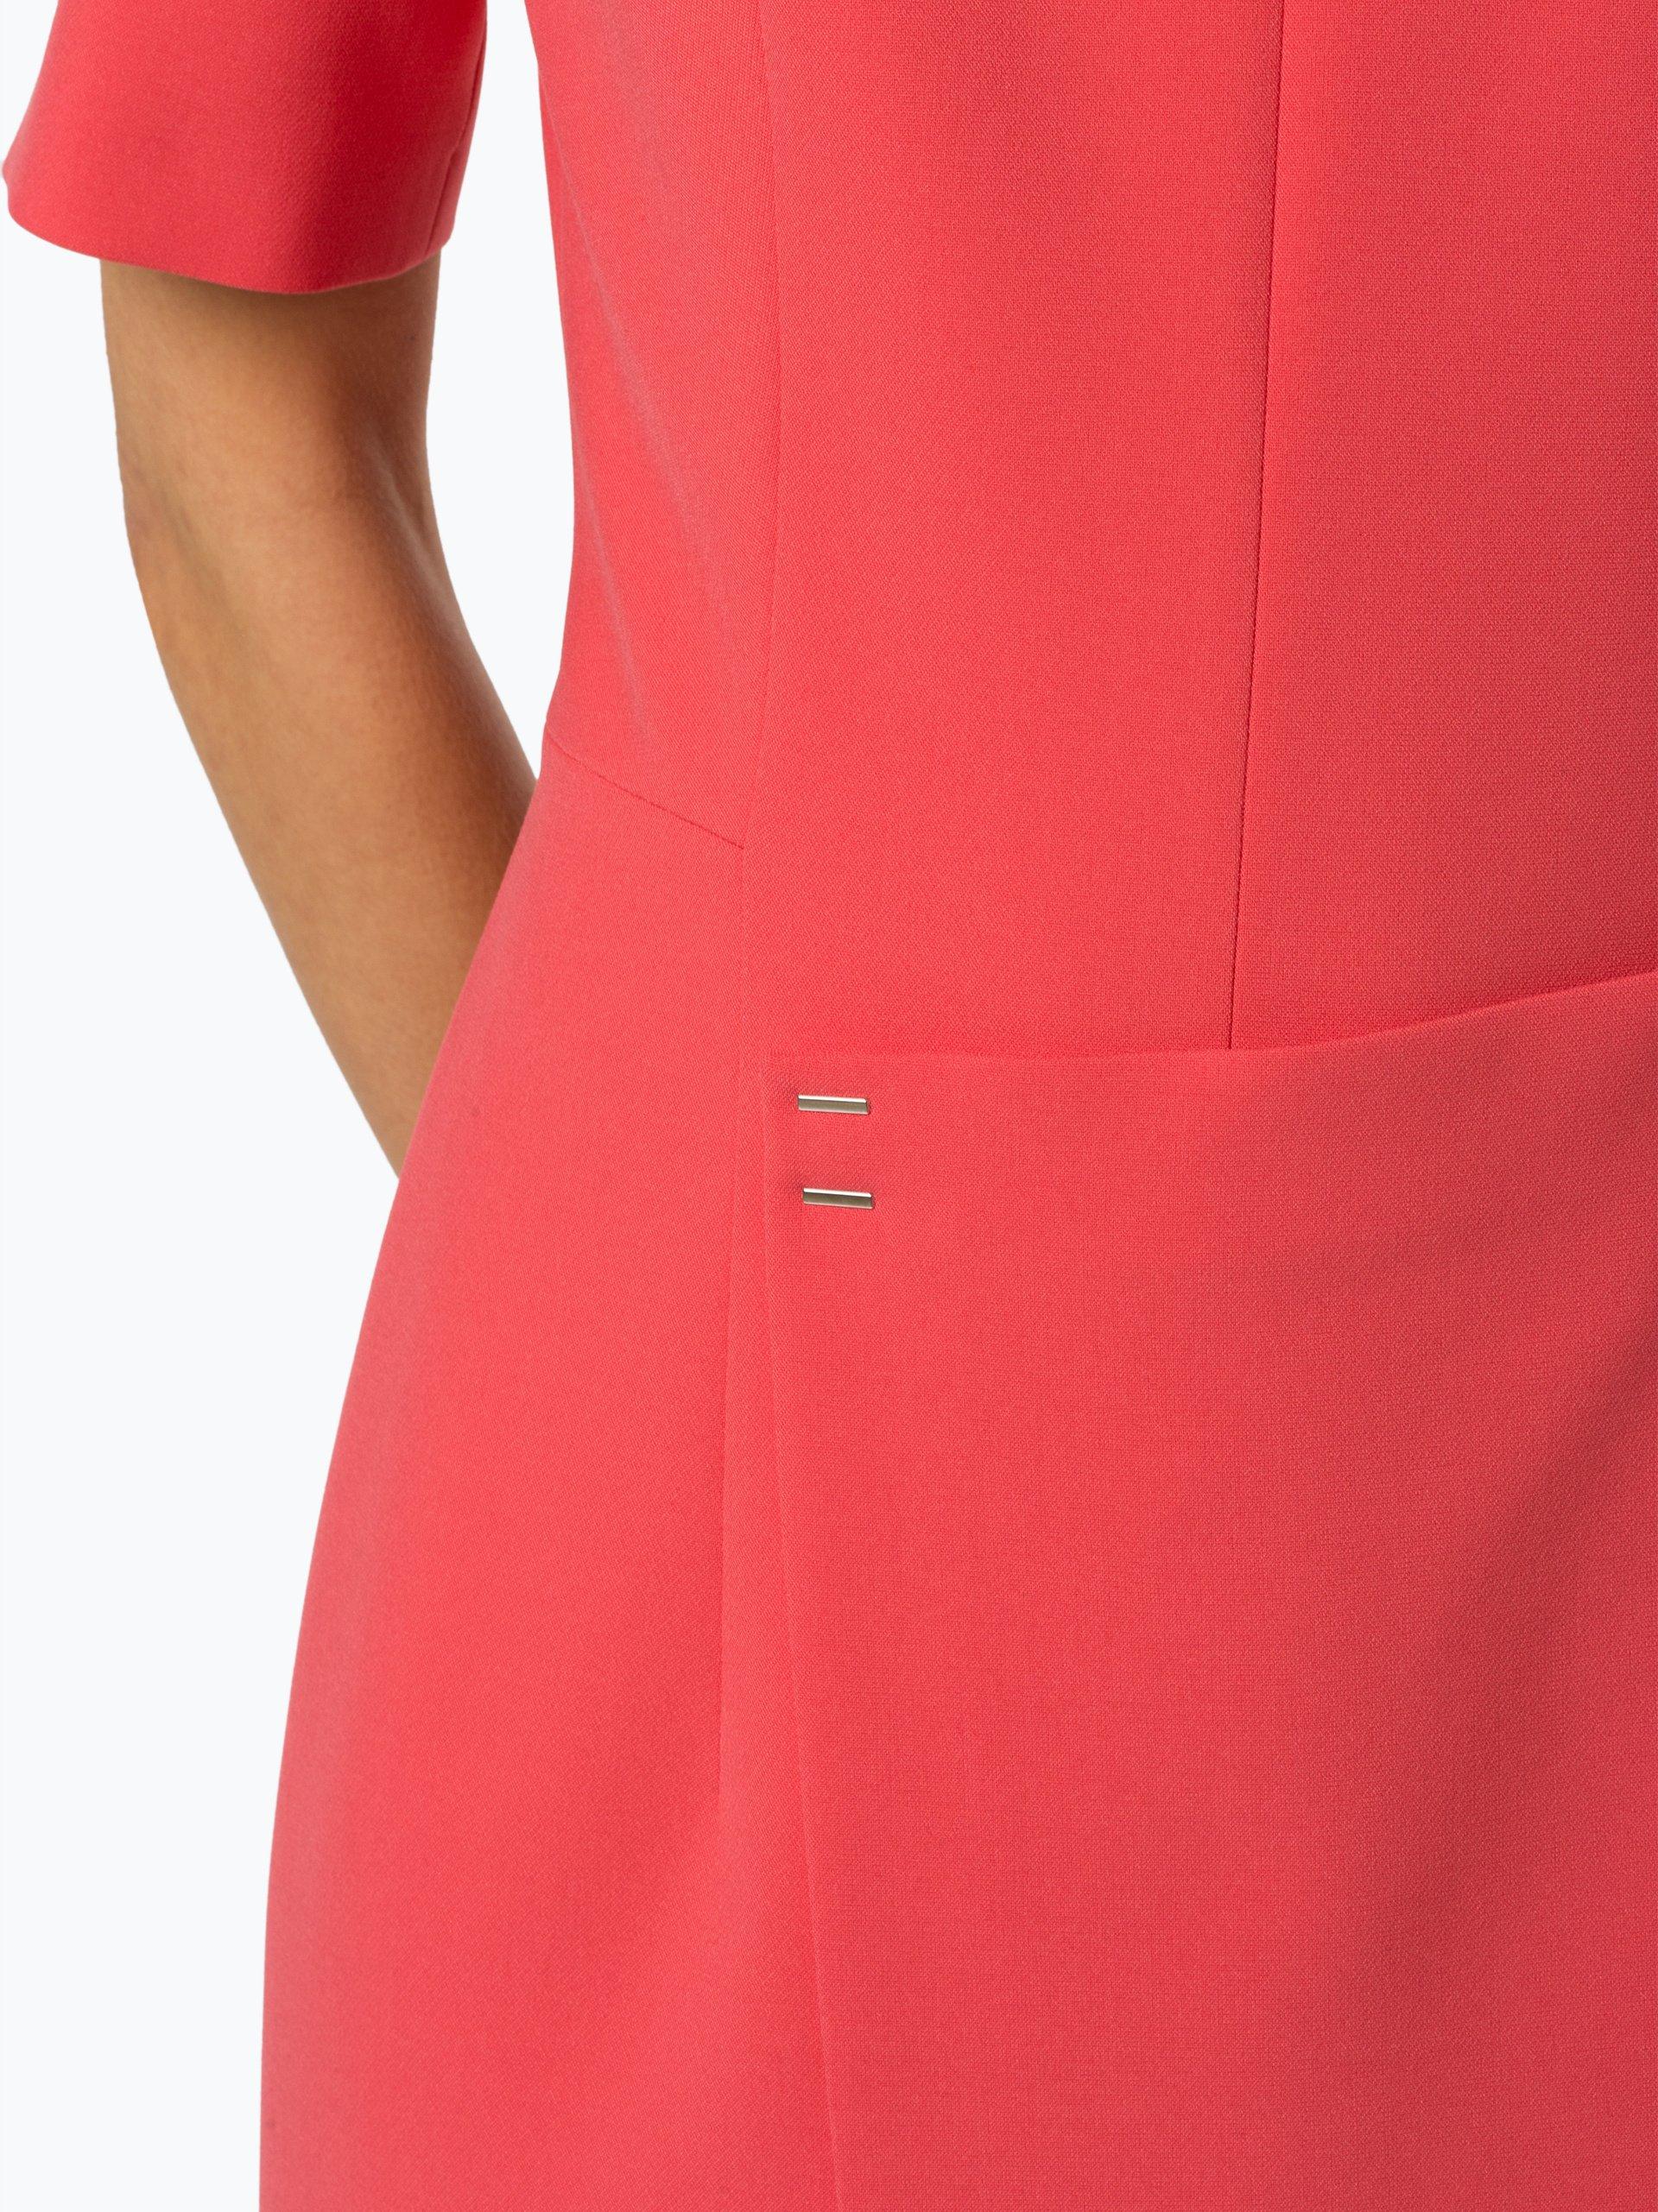 BOSS Damen Kleid - Disula